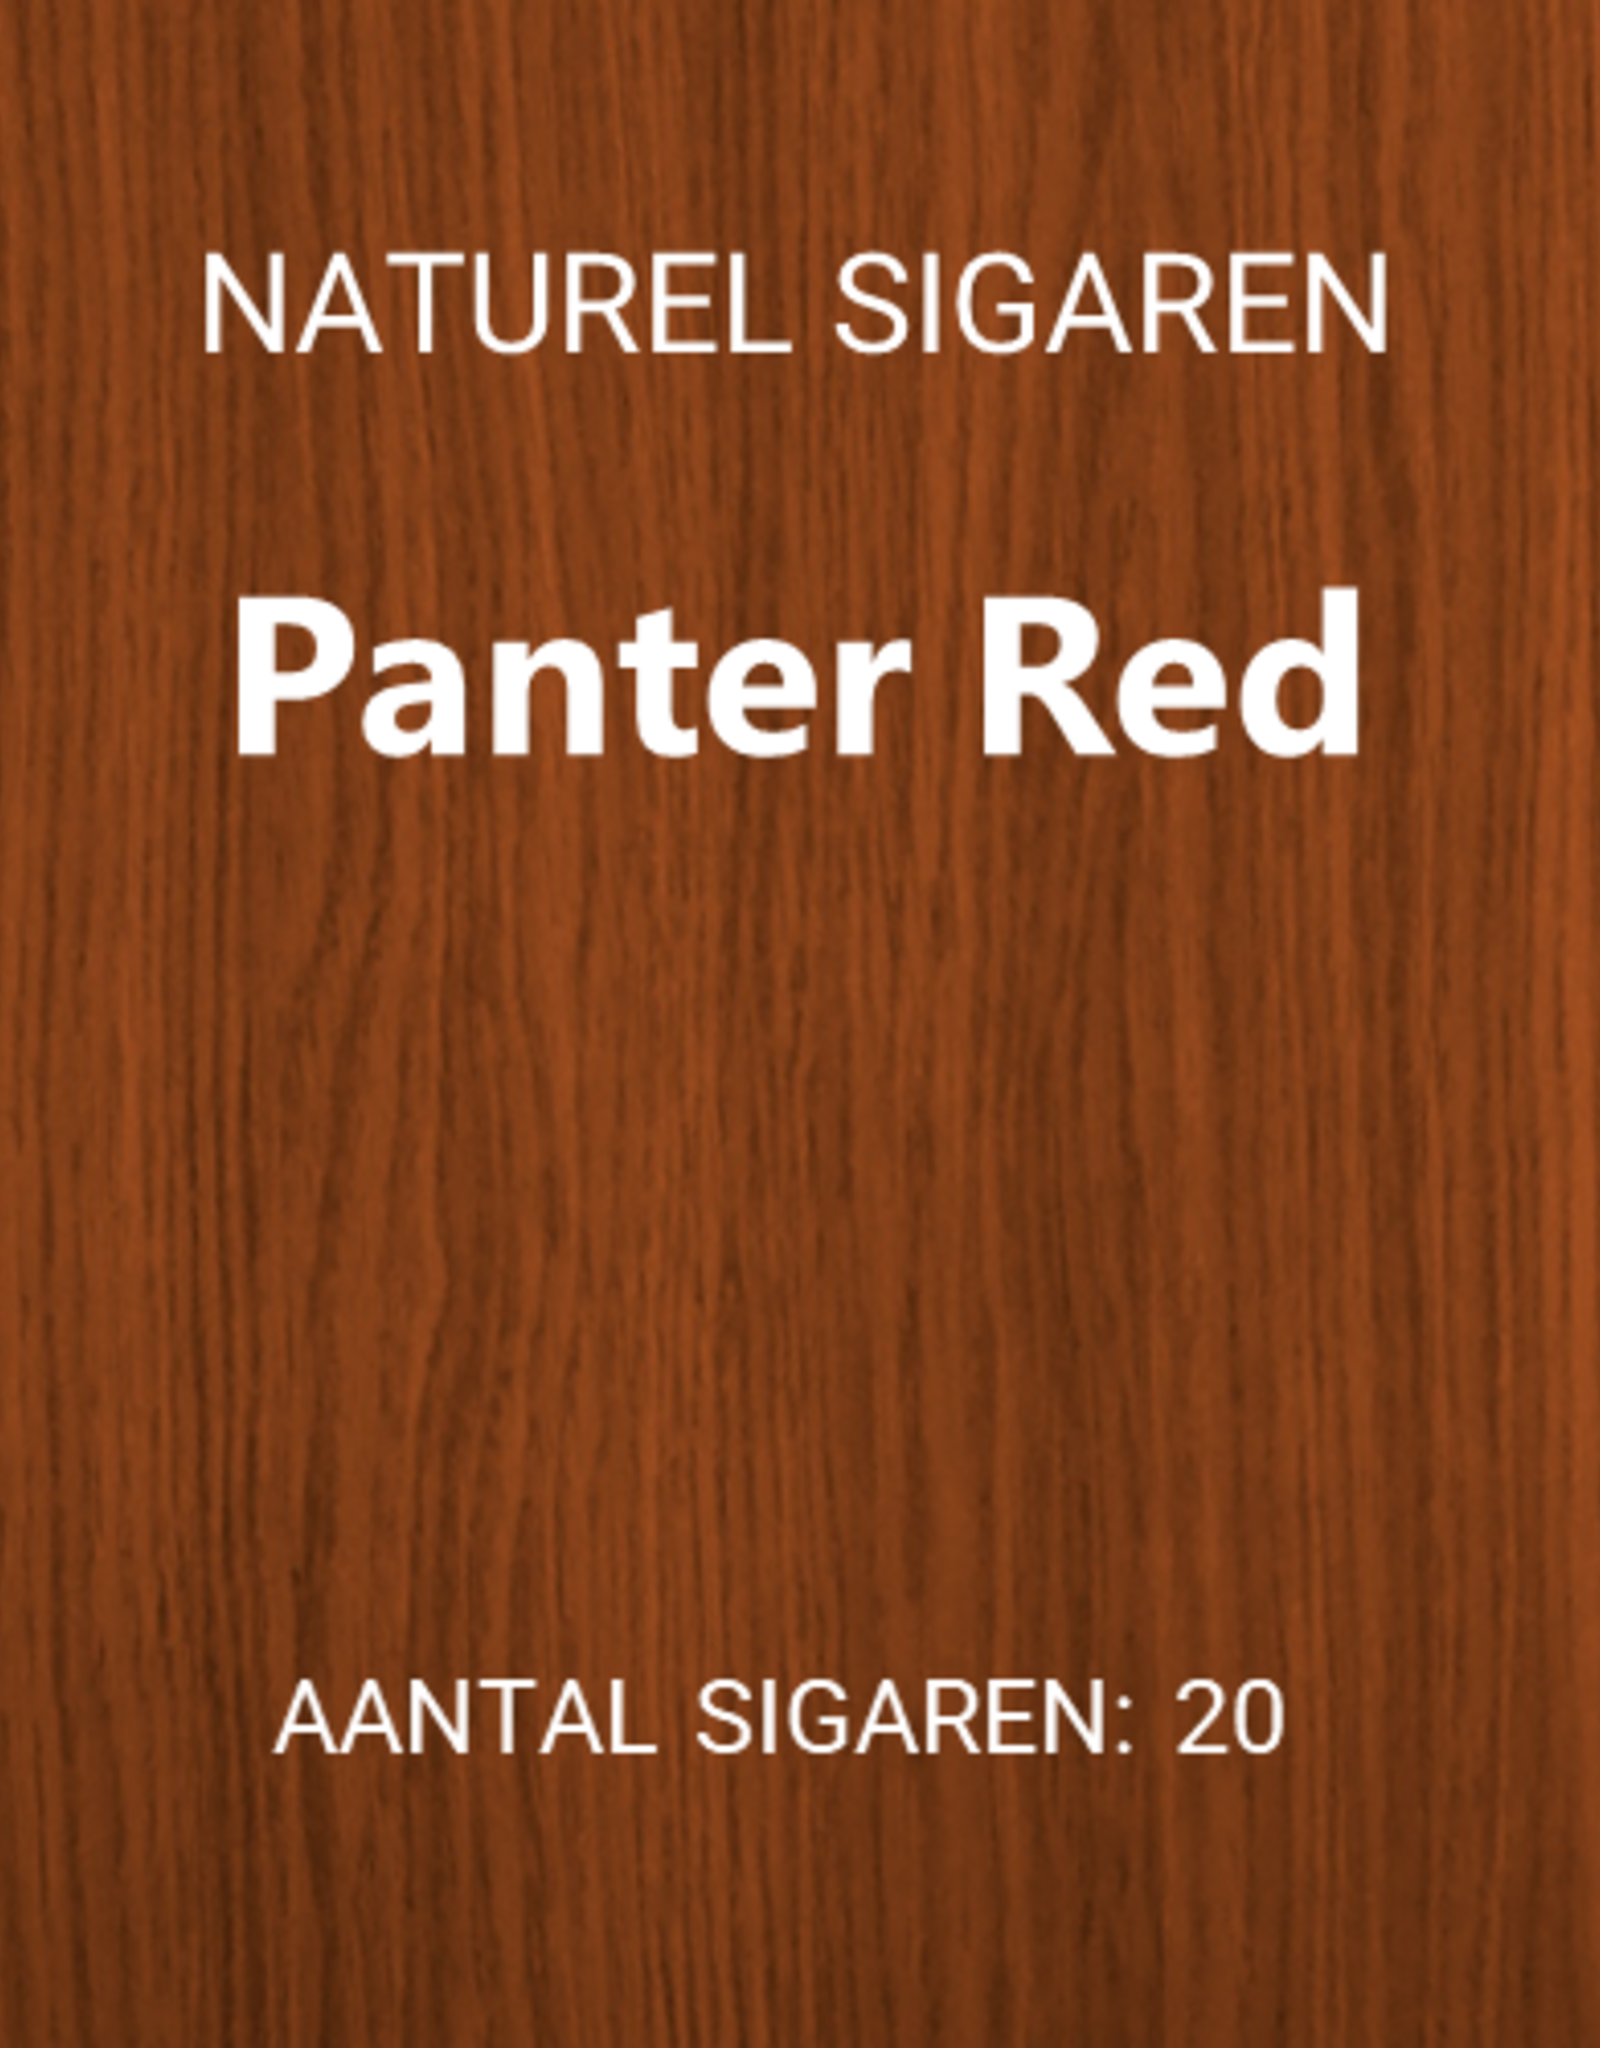 Panter Red